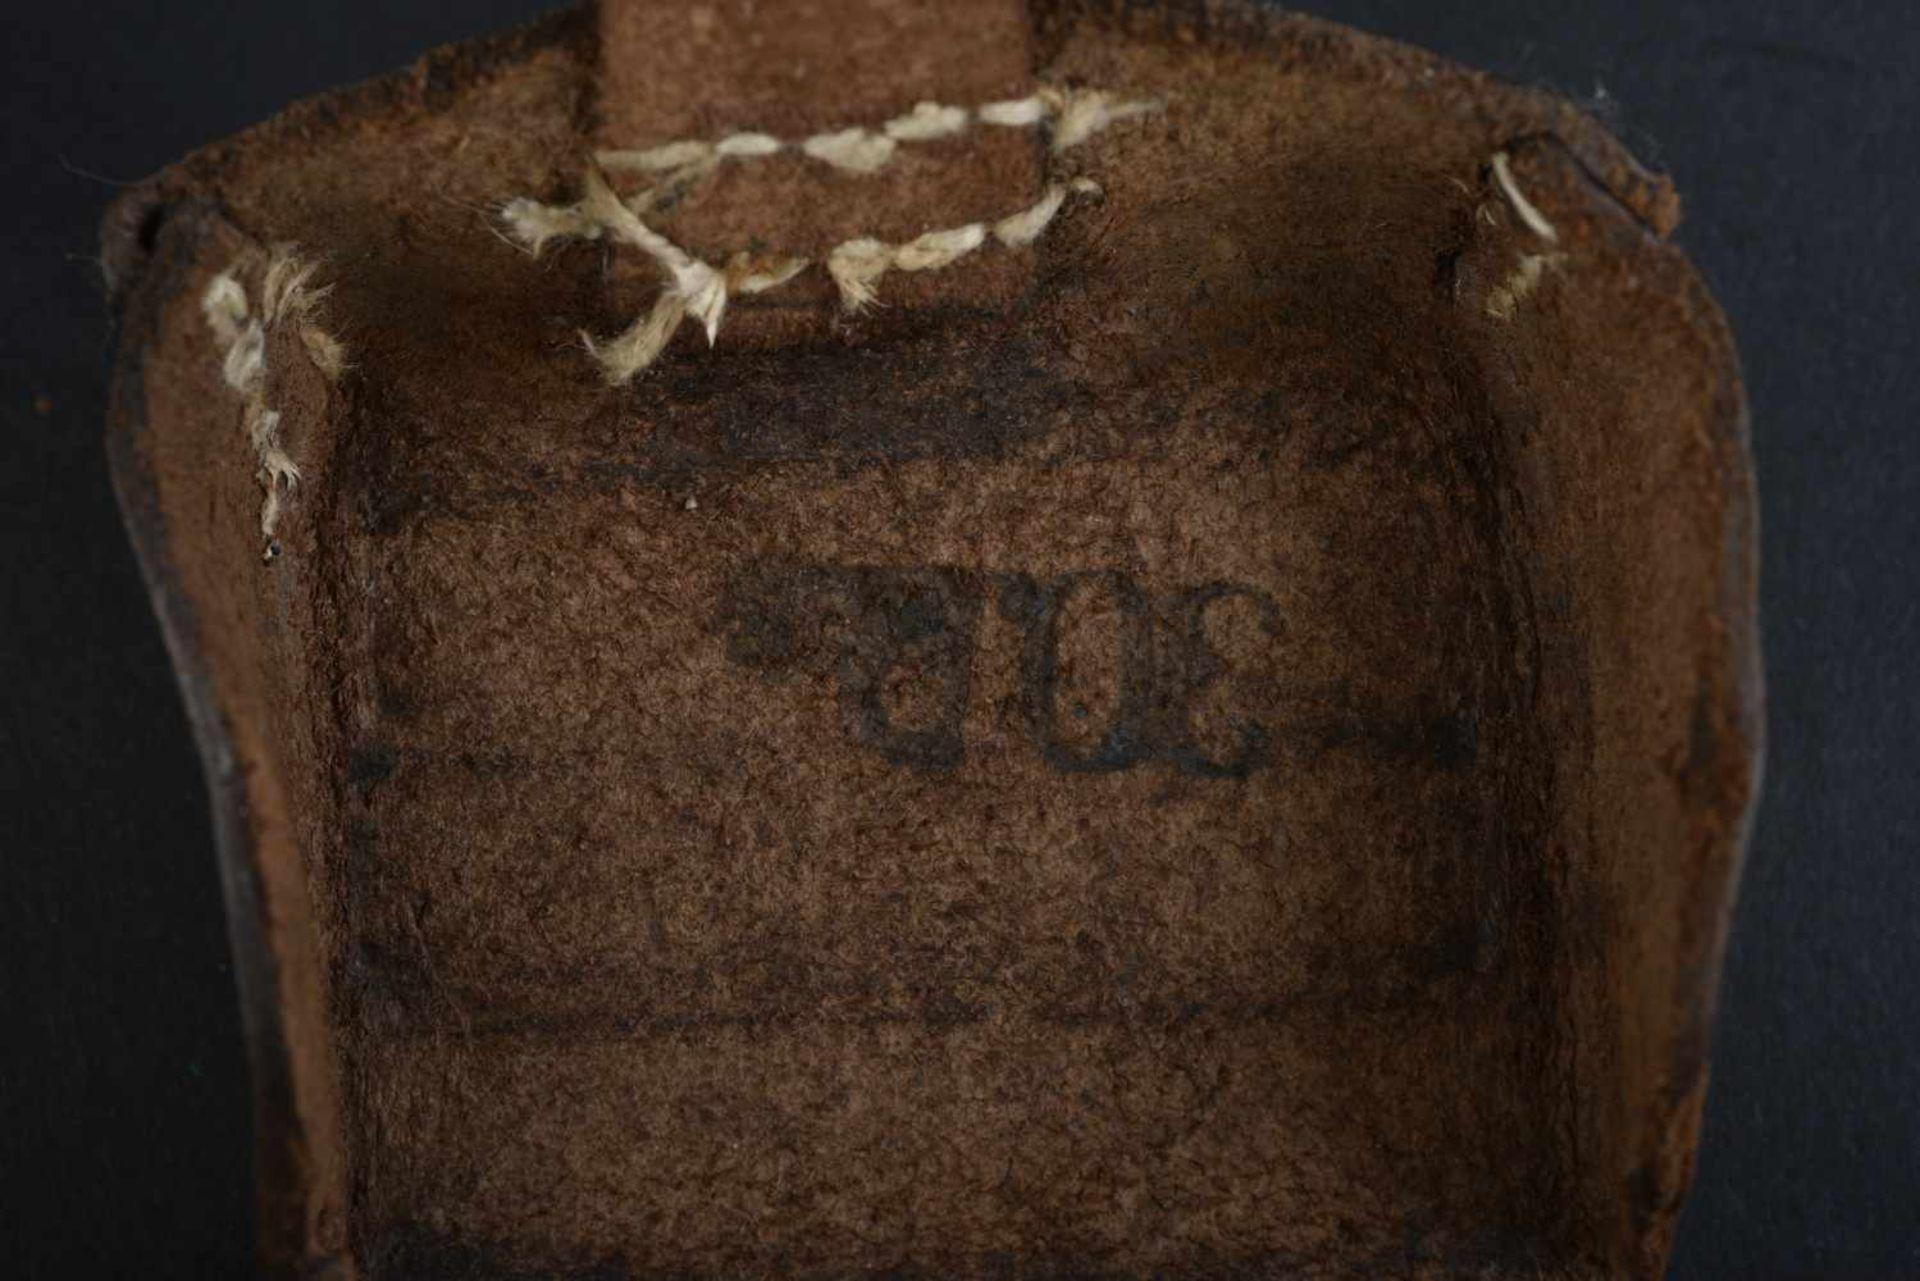 Cartouchière datée 1914 En cuir grenelé marron, trois compartiments. Fabrication Carl Ackva - Bild 2 aus 4